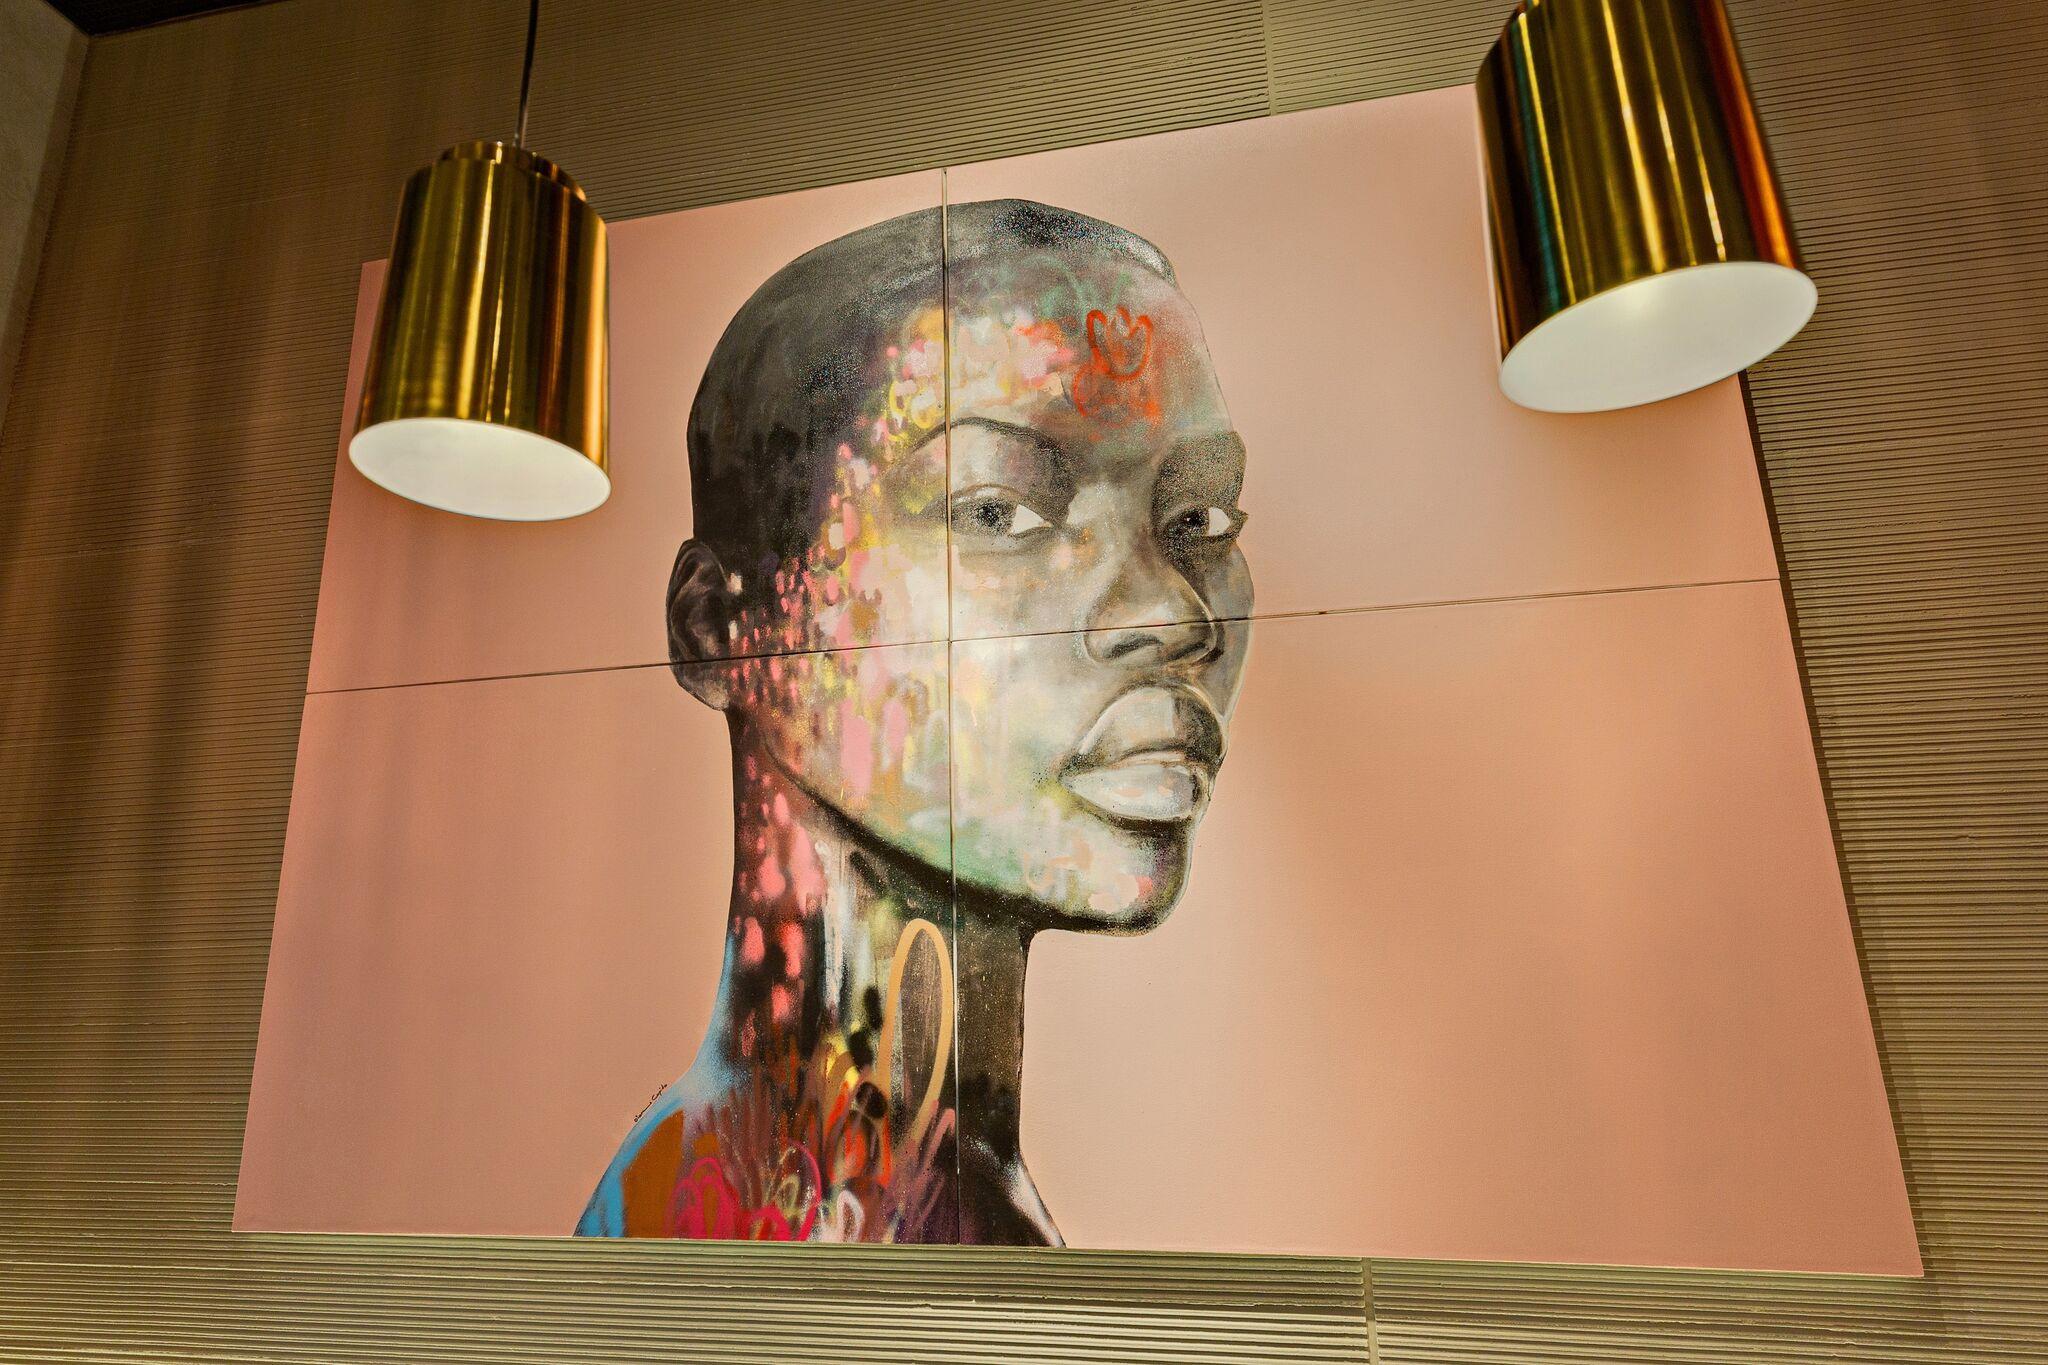 الفنان الأفريقي المشهور ديون كوبيدو